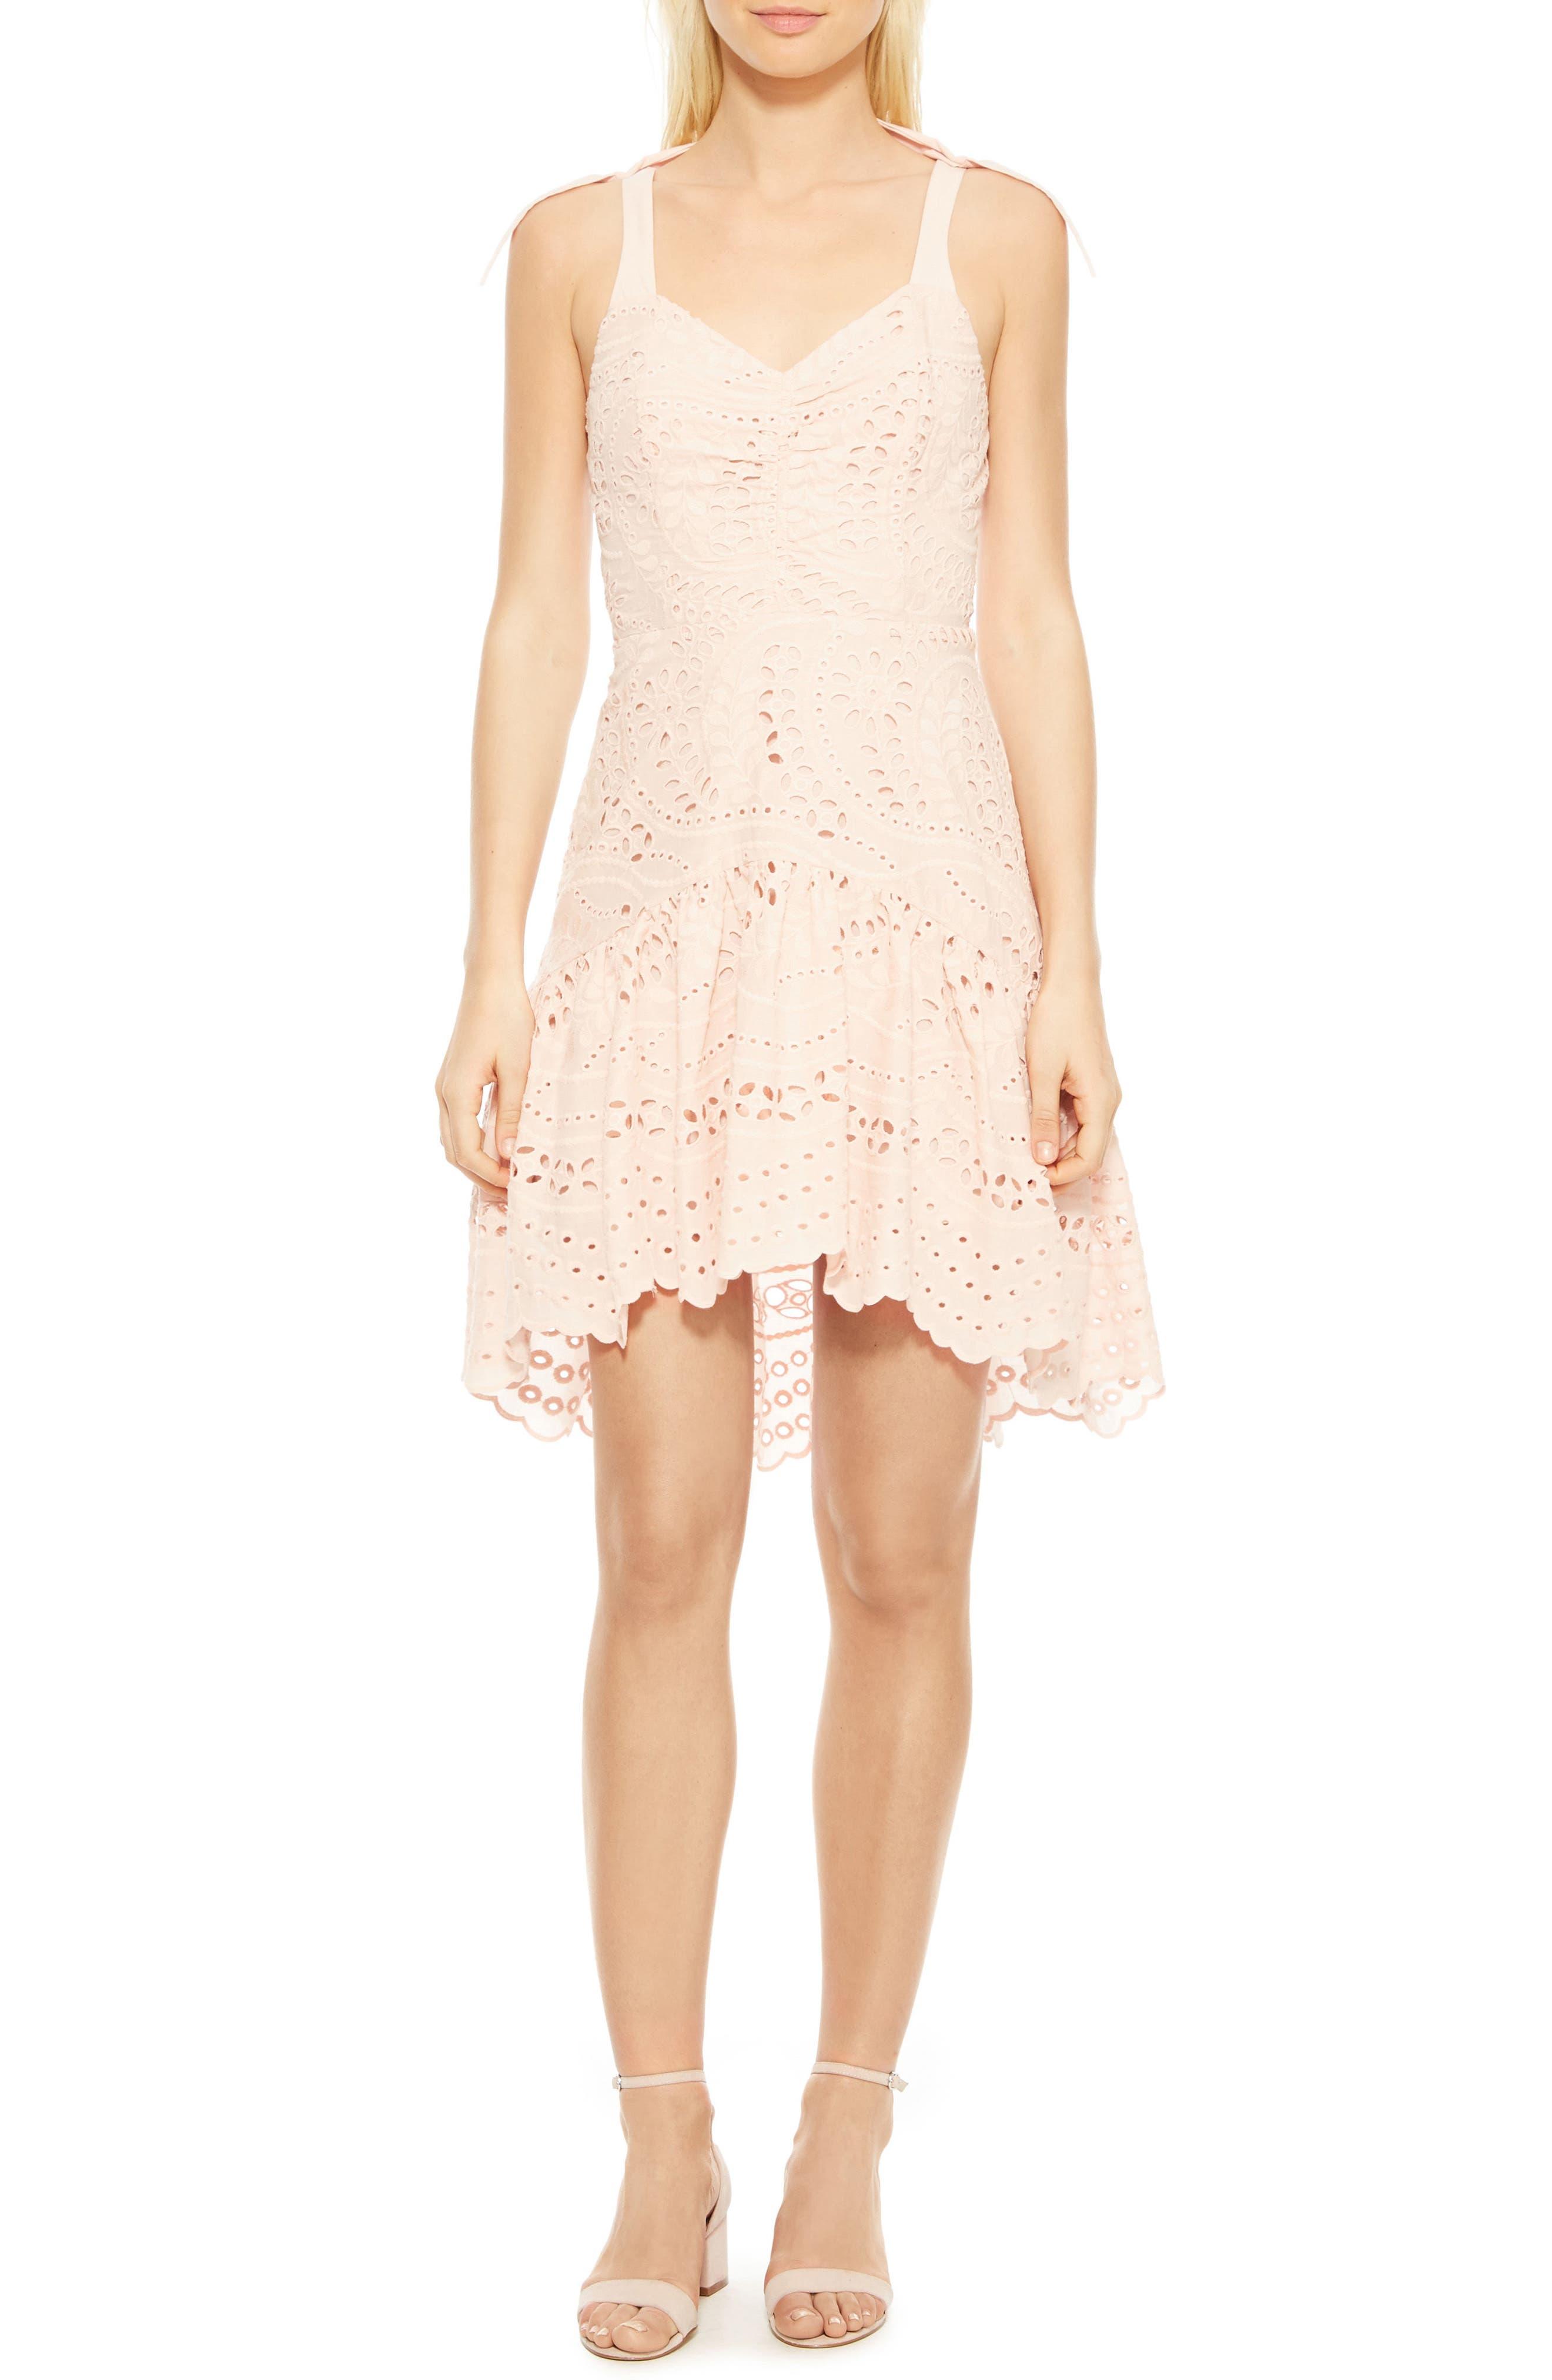 Odysseia Eyelet Cotton Dress,                             Main thumbnail 1, color,                             695